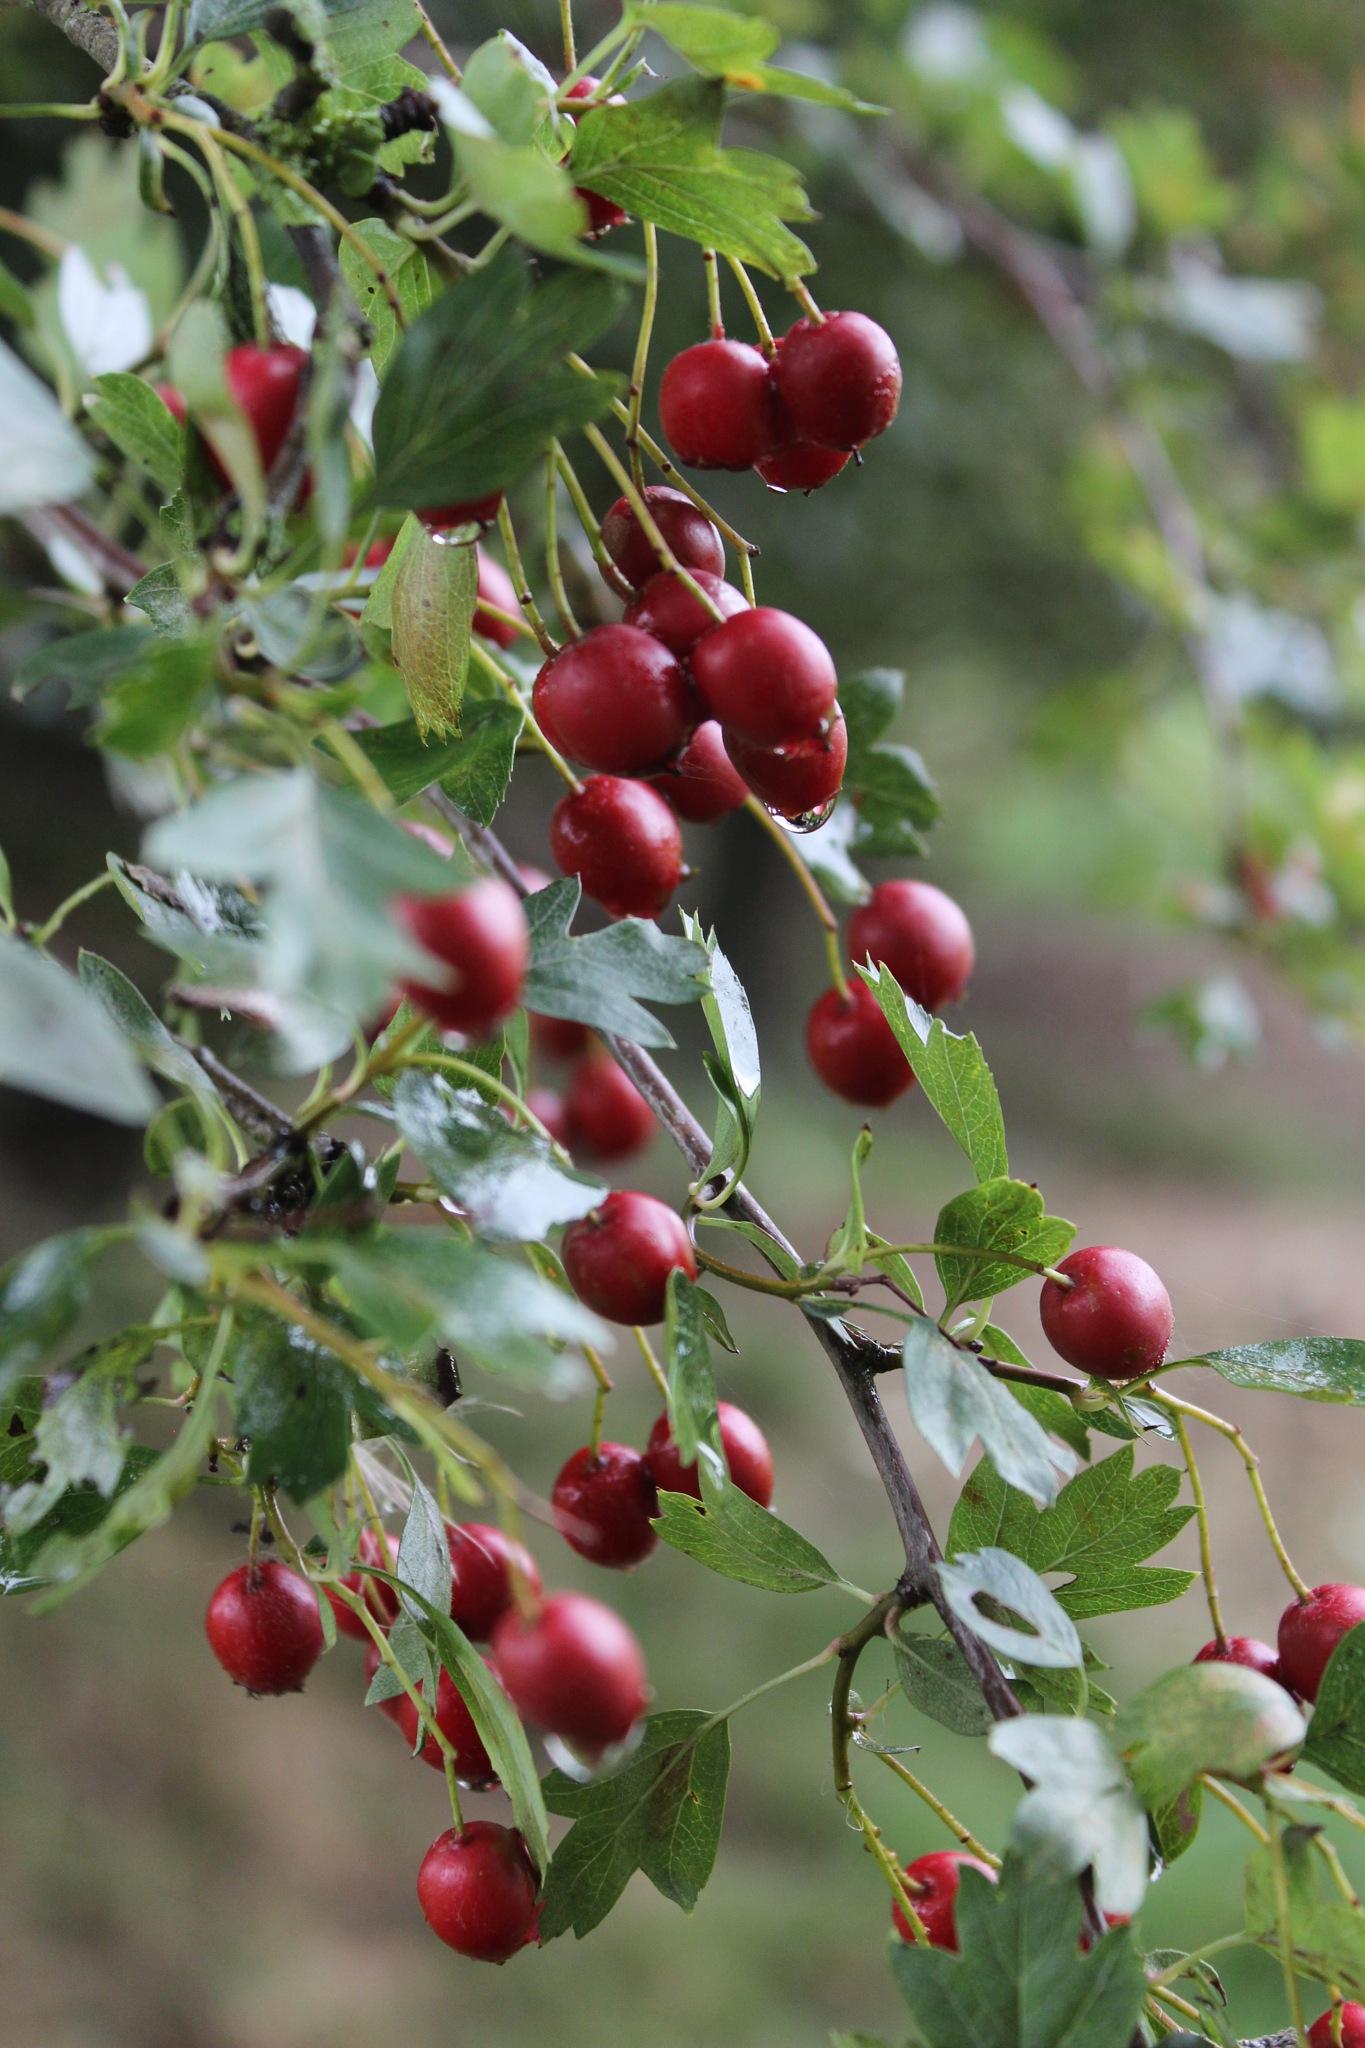 Dewy Red Berries by Jon Brooke-Langham